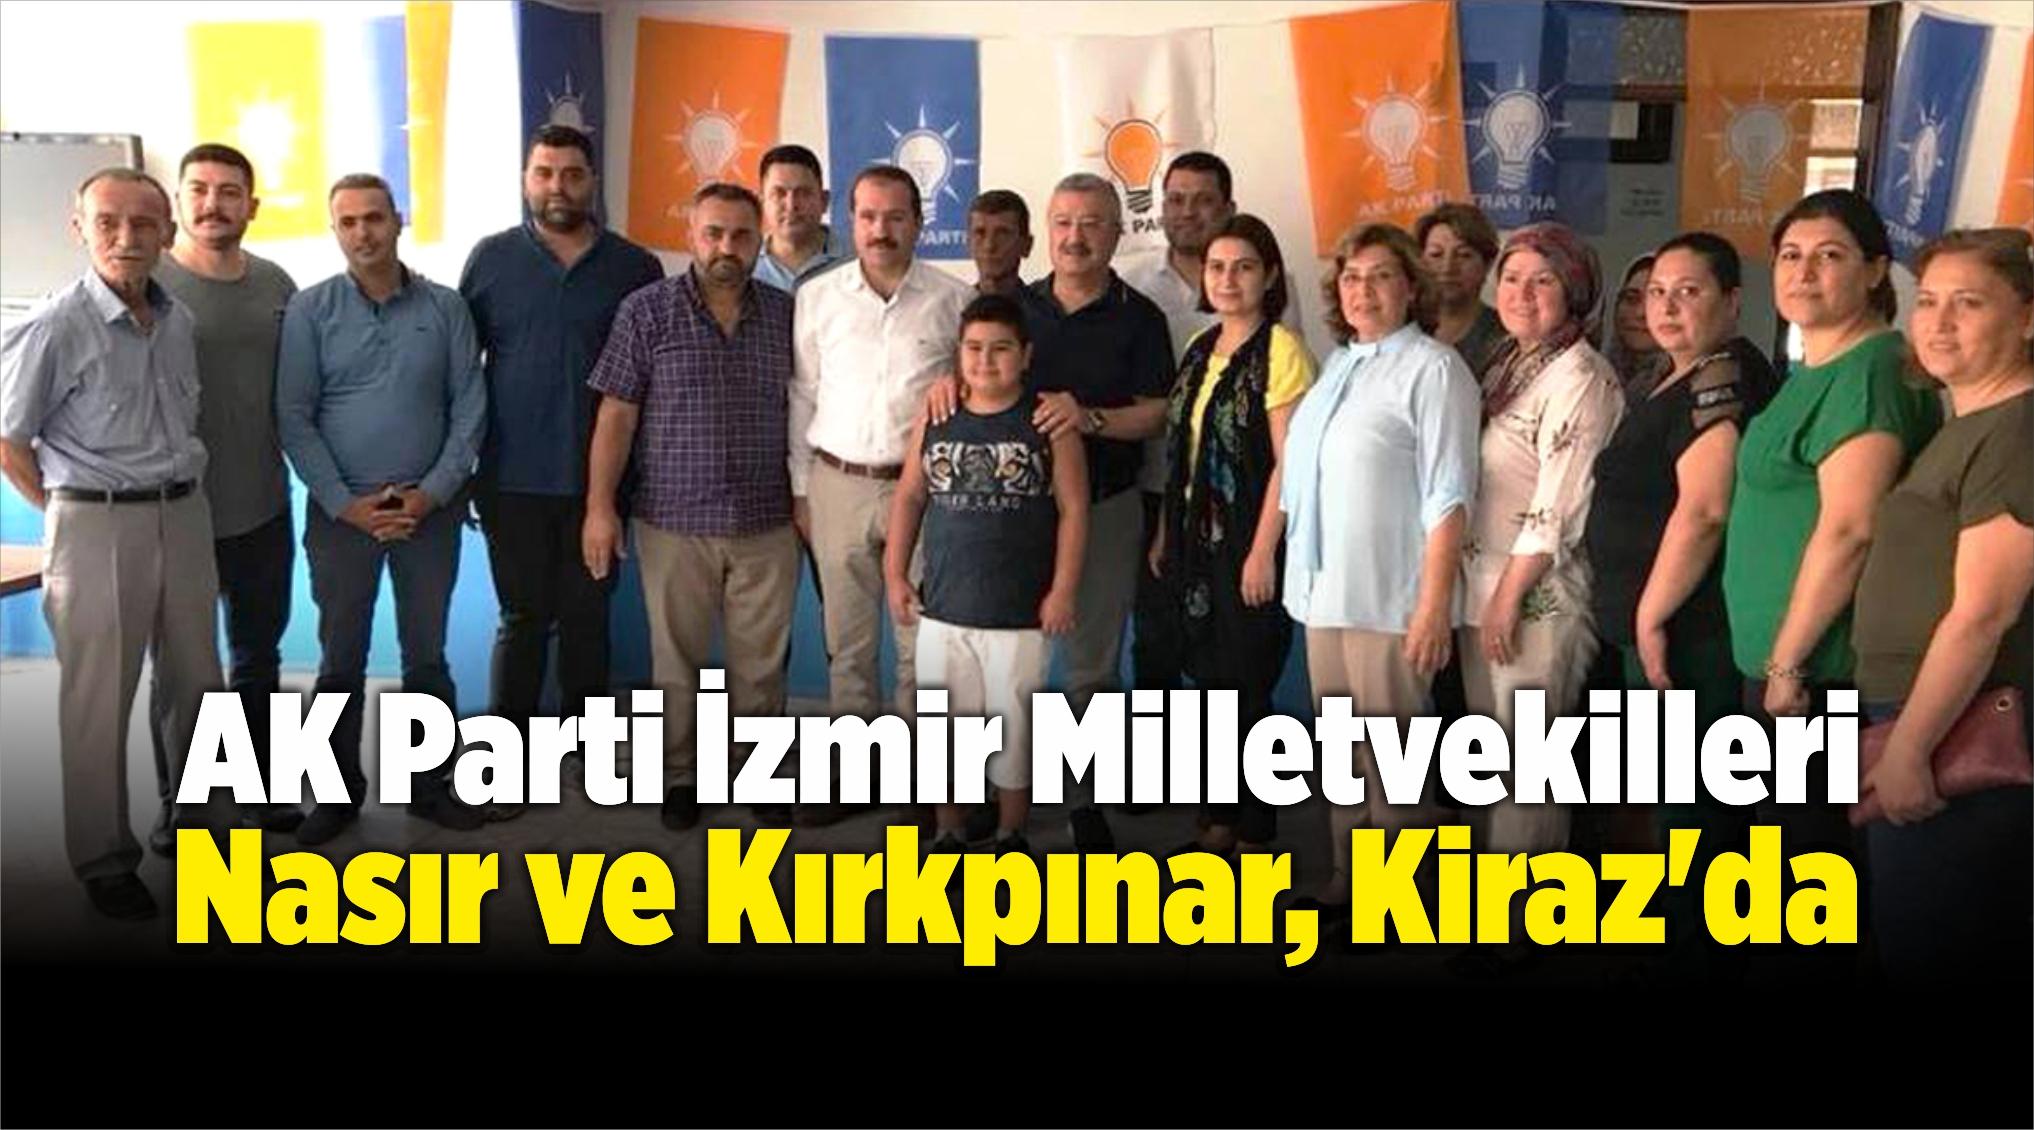 AK Parti İzmir Milletvekilleri Nasır ve Kırkpınar, Kiraz'da